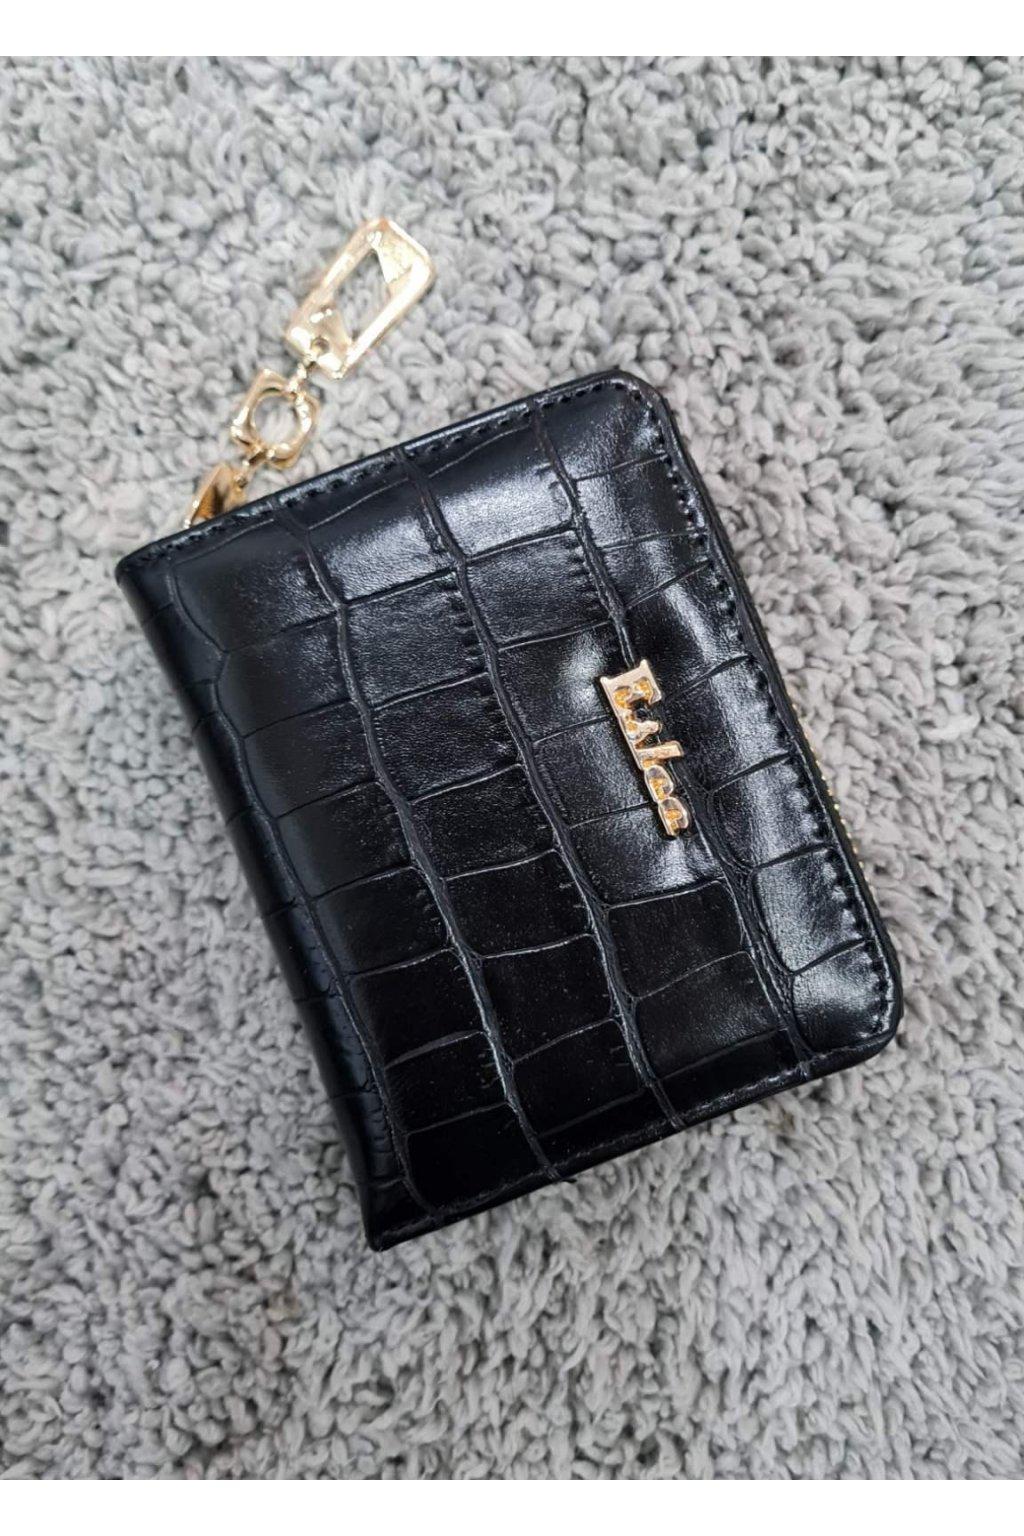 Dámská peněženka Eslee černá